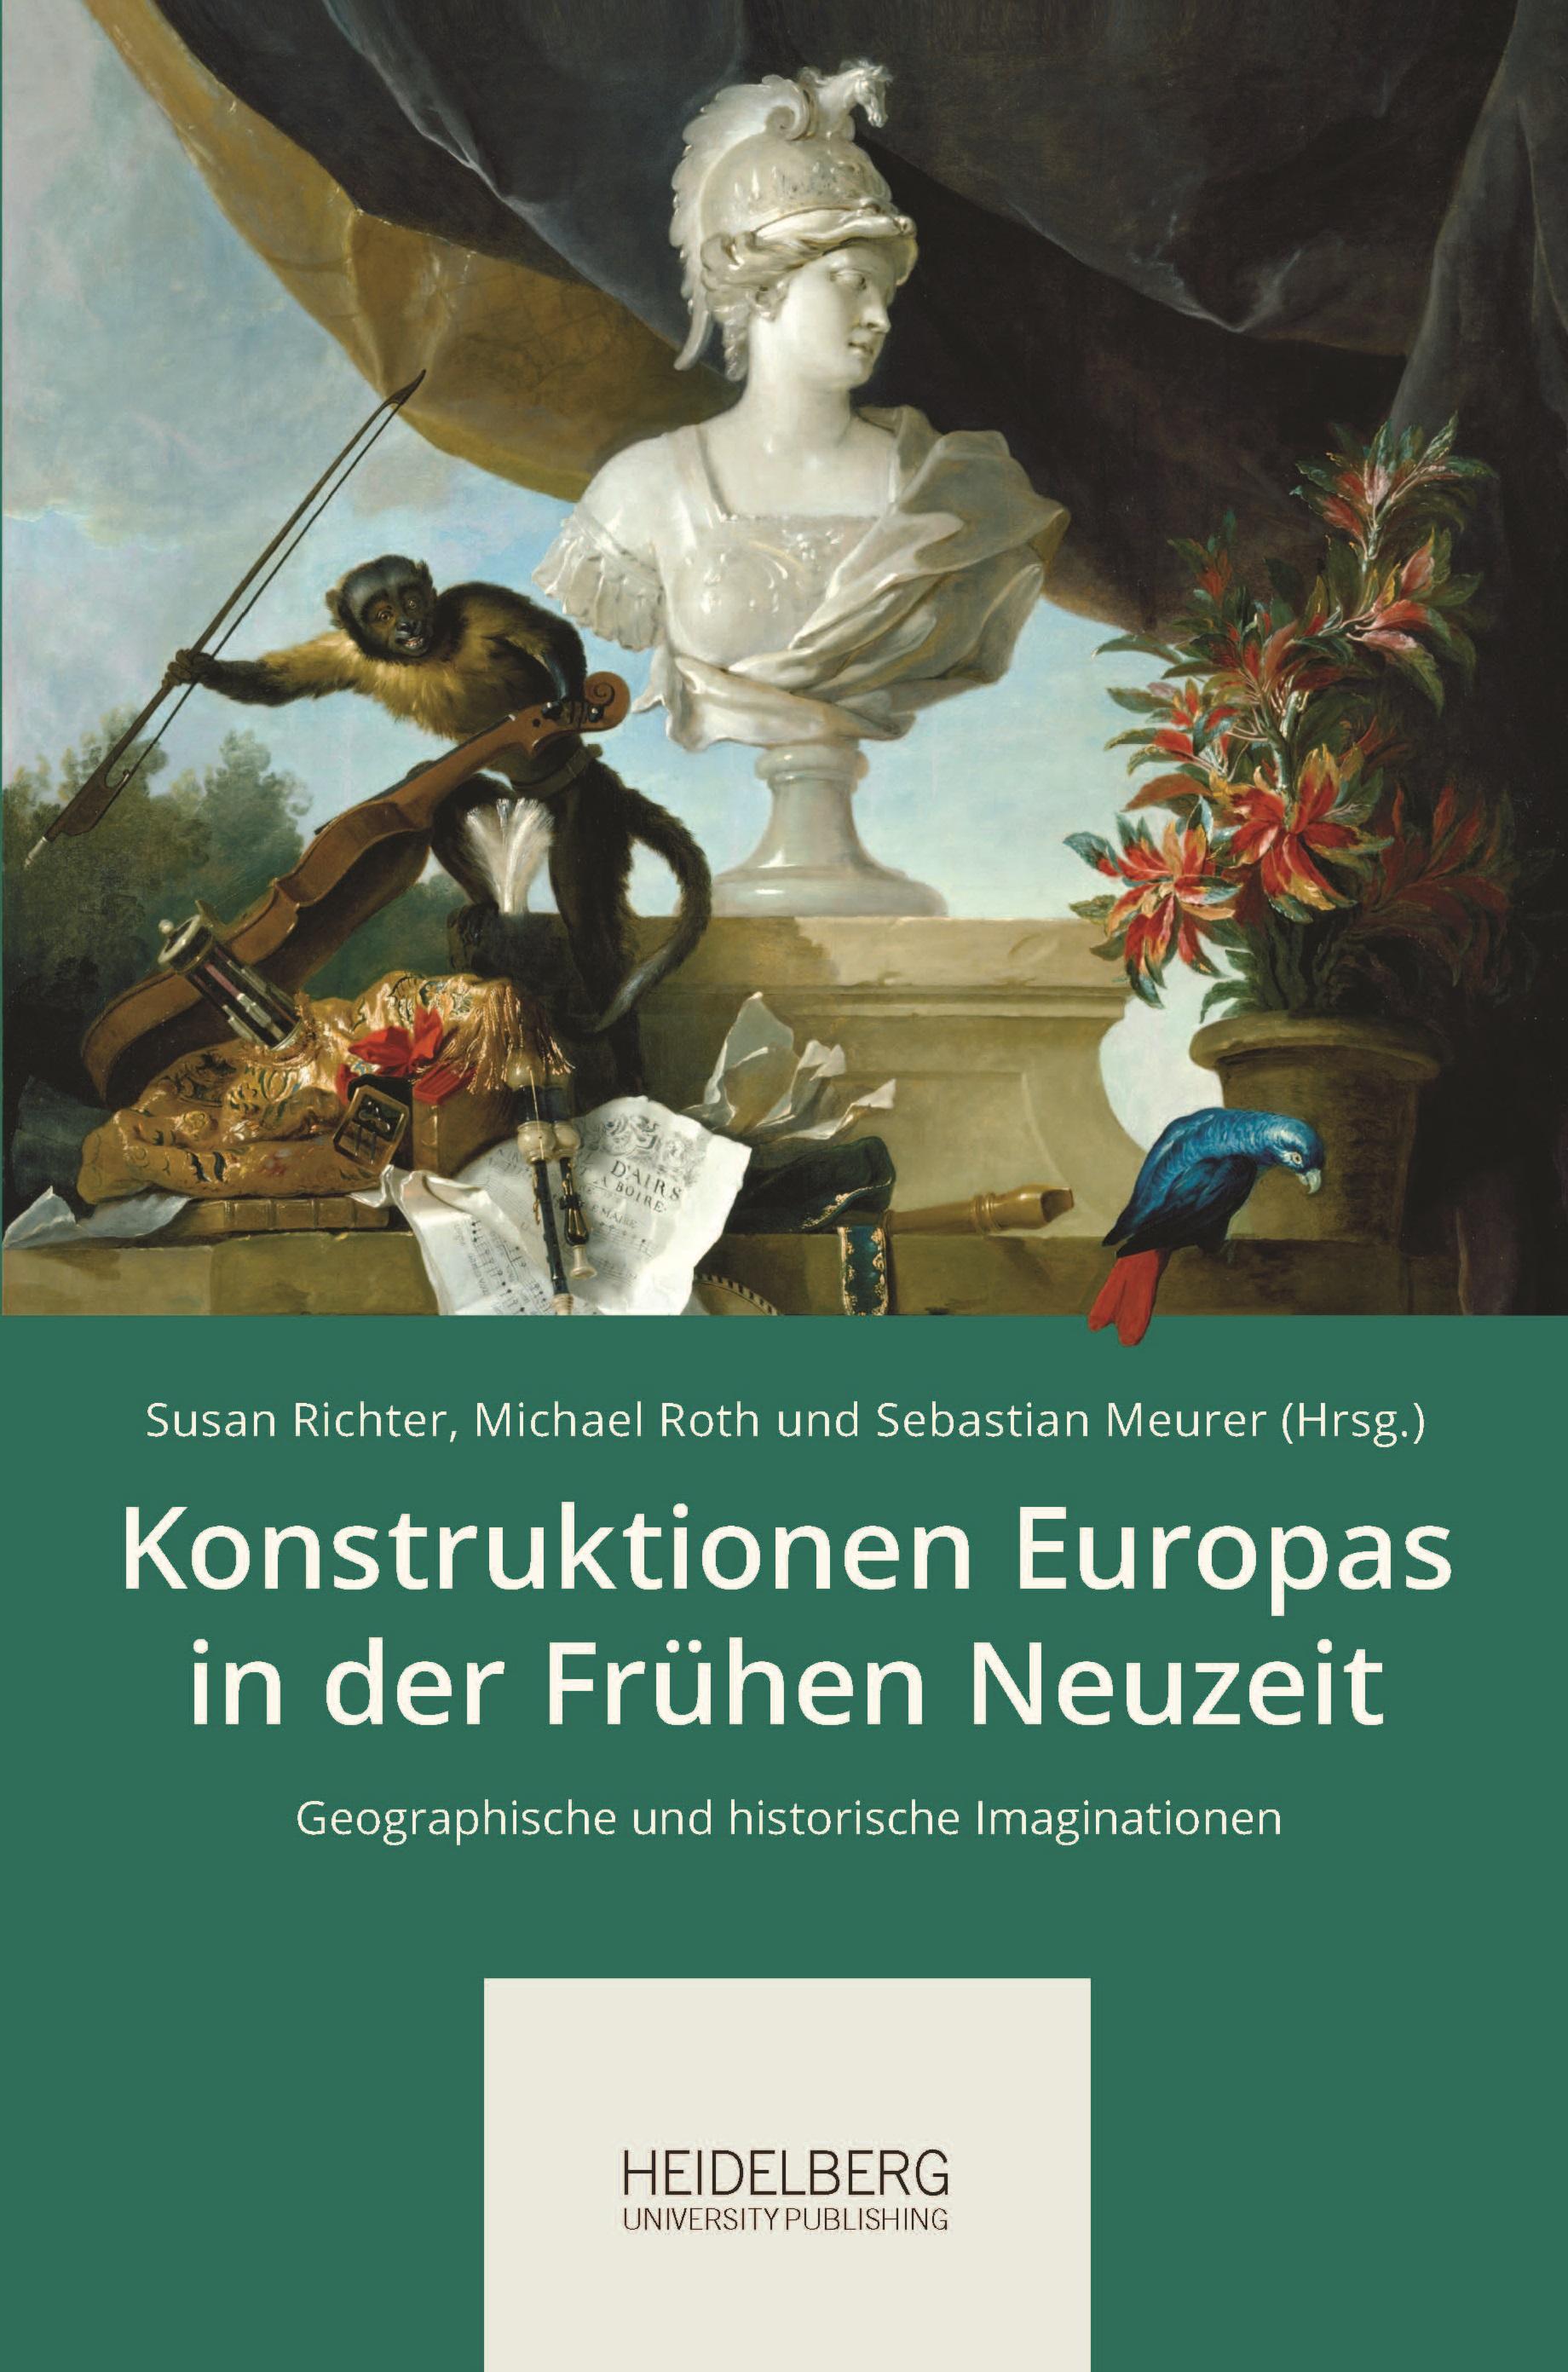 Richter, Roth, Meurer, Konstruktionen Europas, 2017, fertig